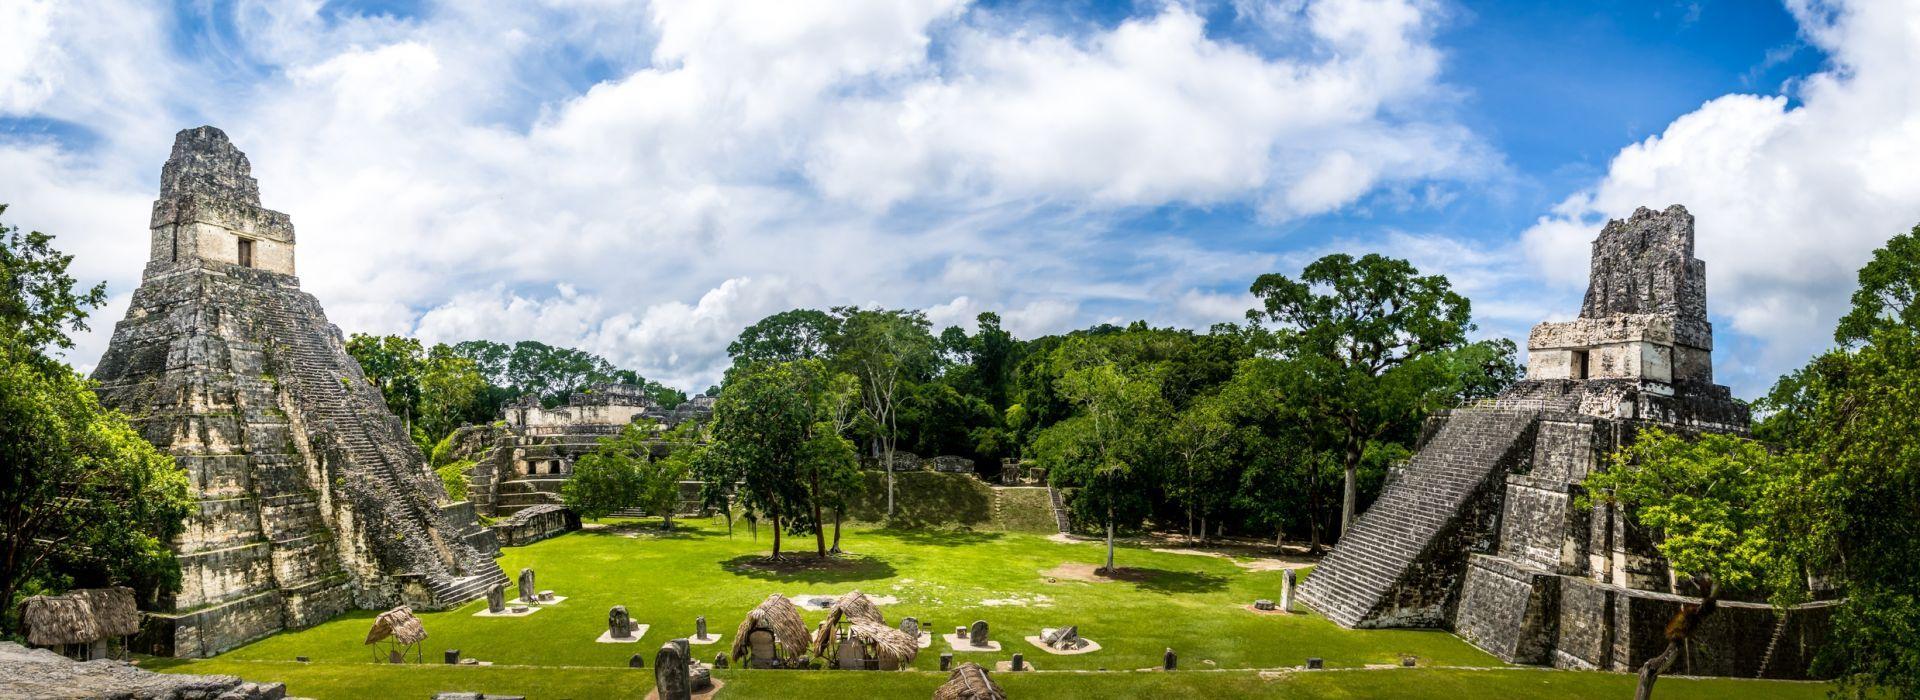 Guatemala Tours and Trips to Guatemala